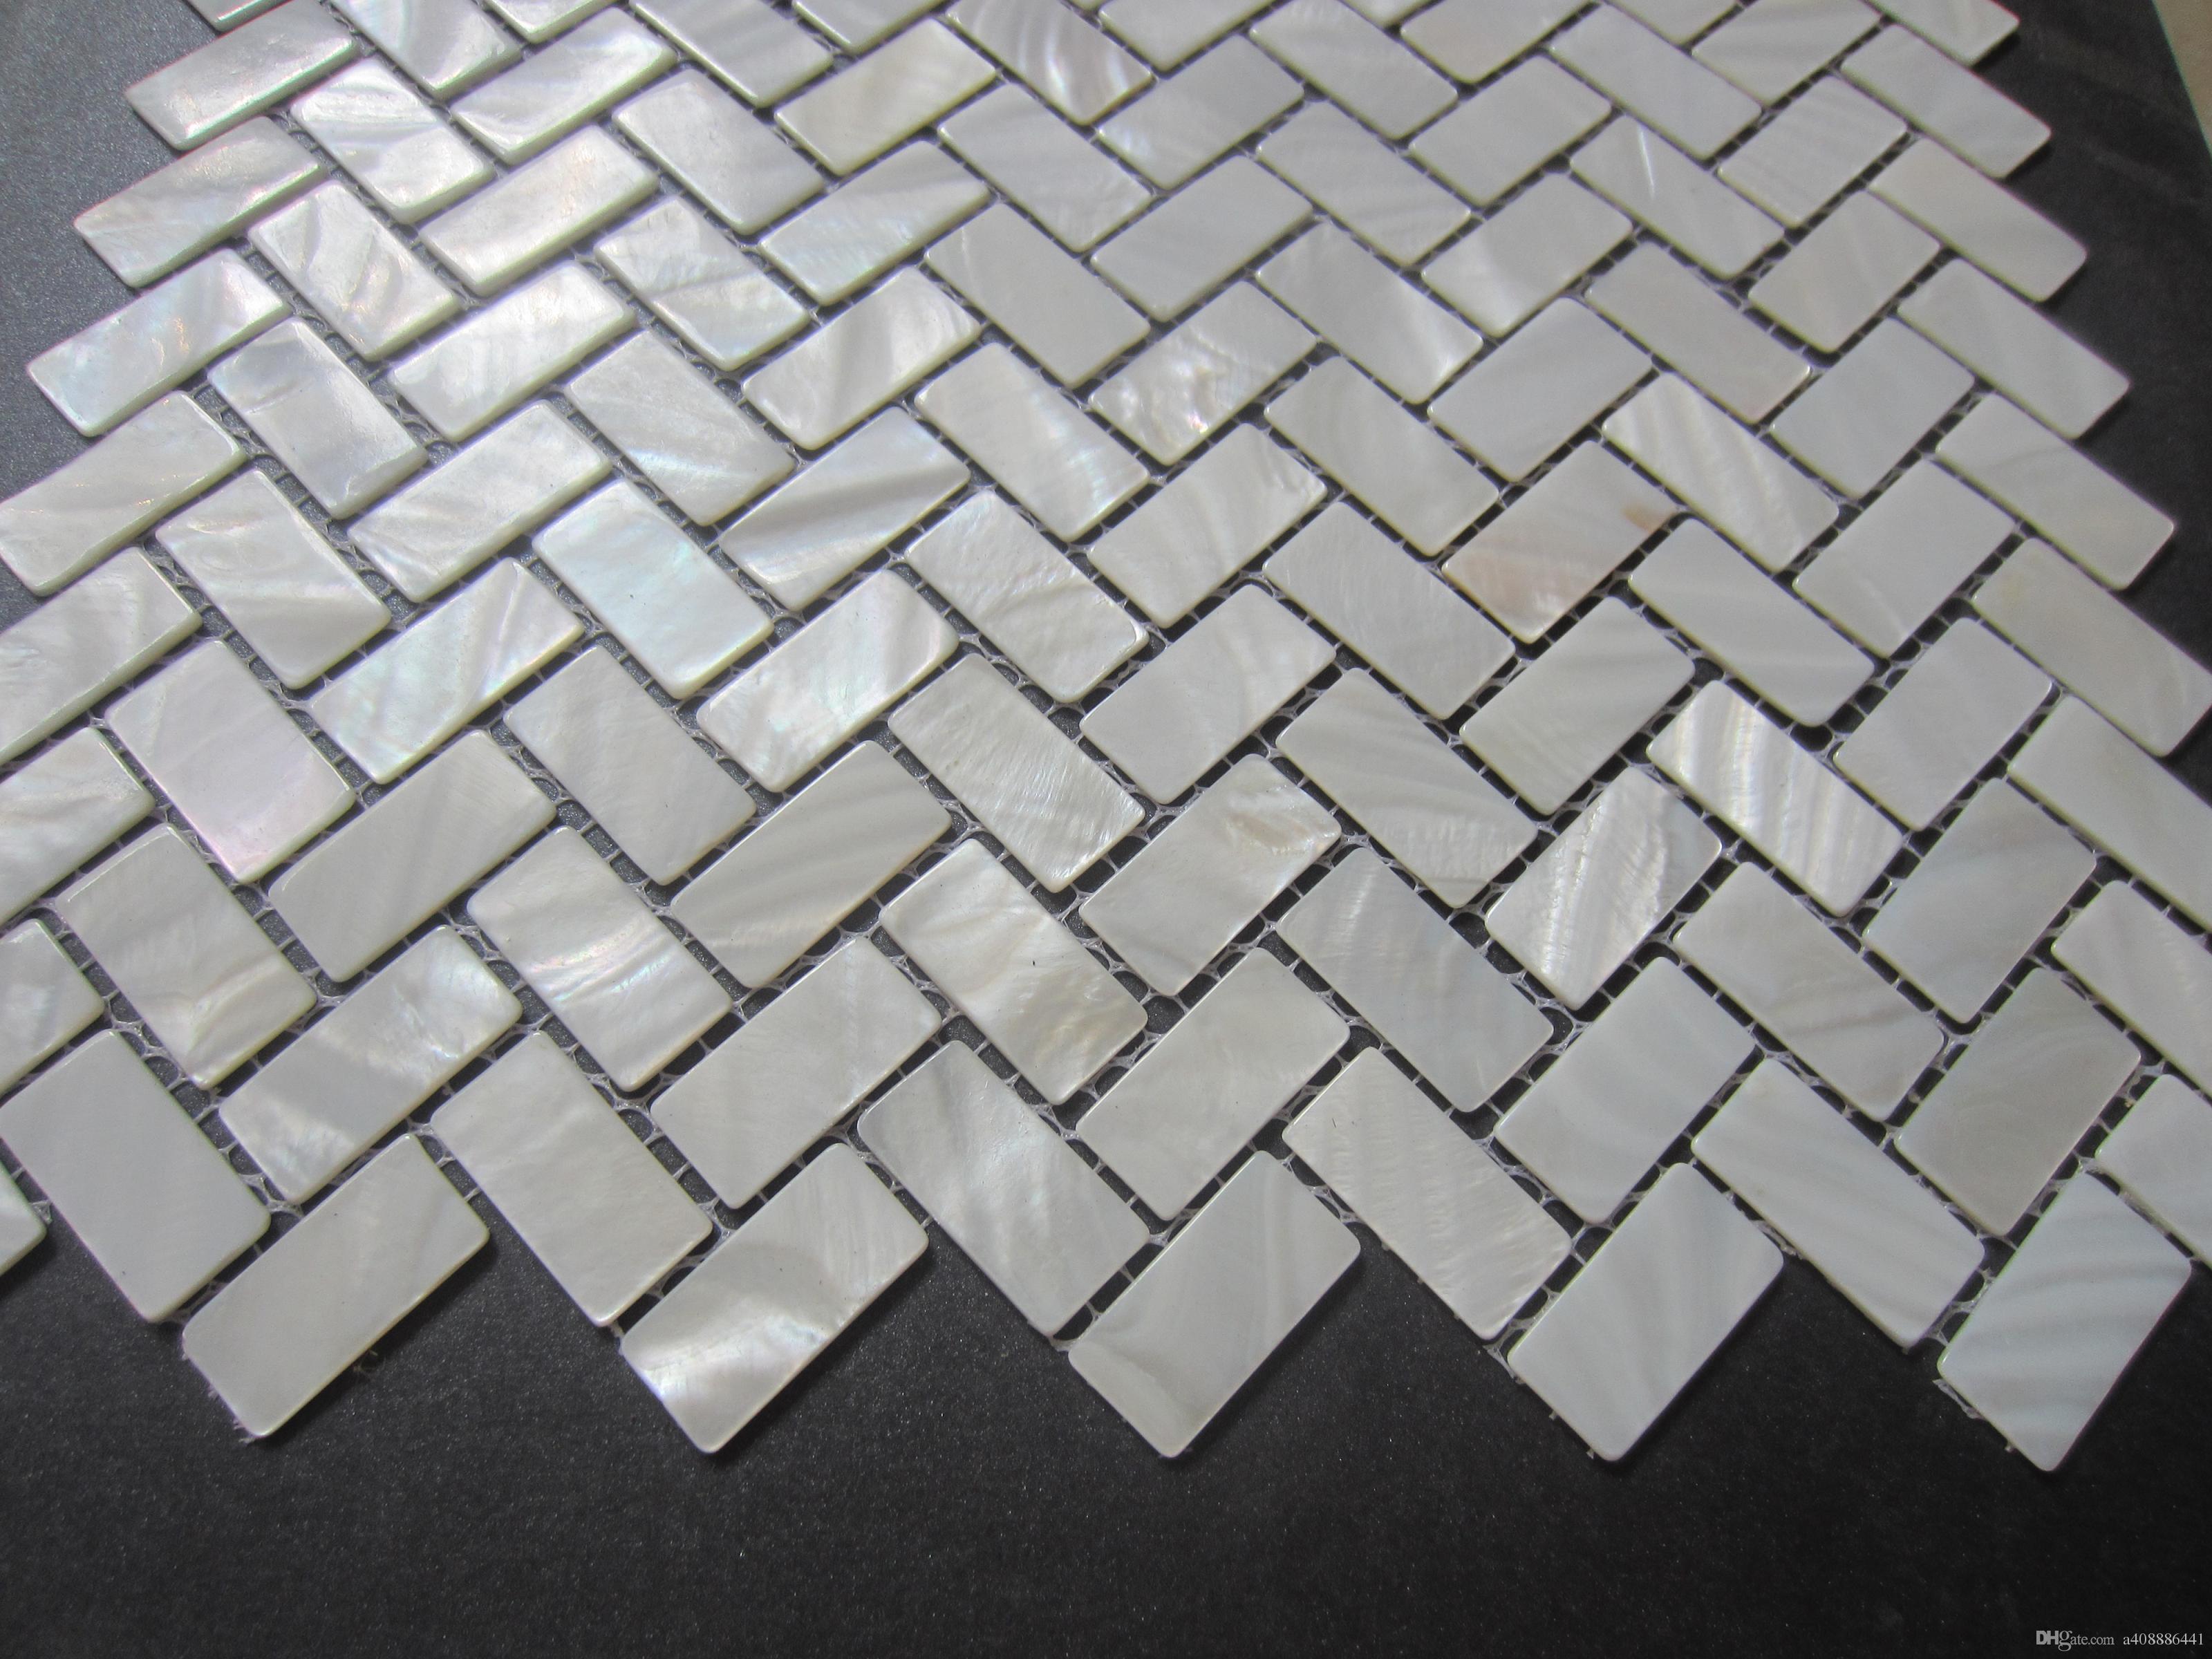 10 Stück Perlmutt Inlay Shell Rohlinge Mosaik Zubehör für Handwerk Mosaik